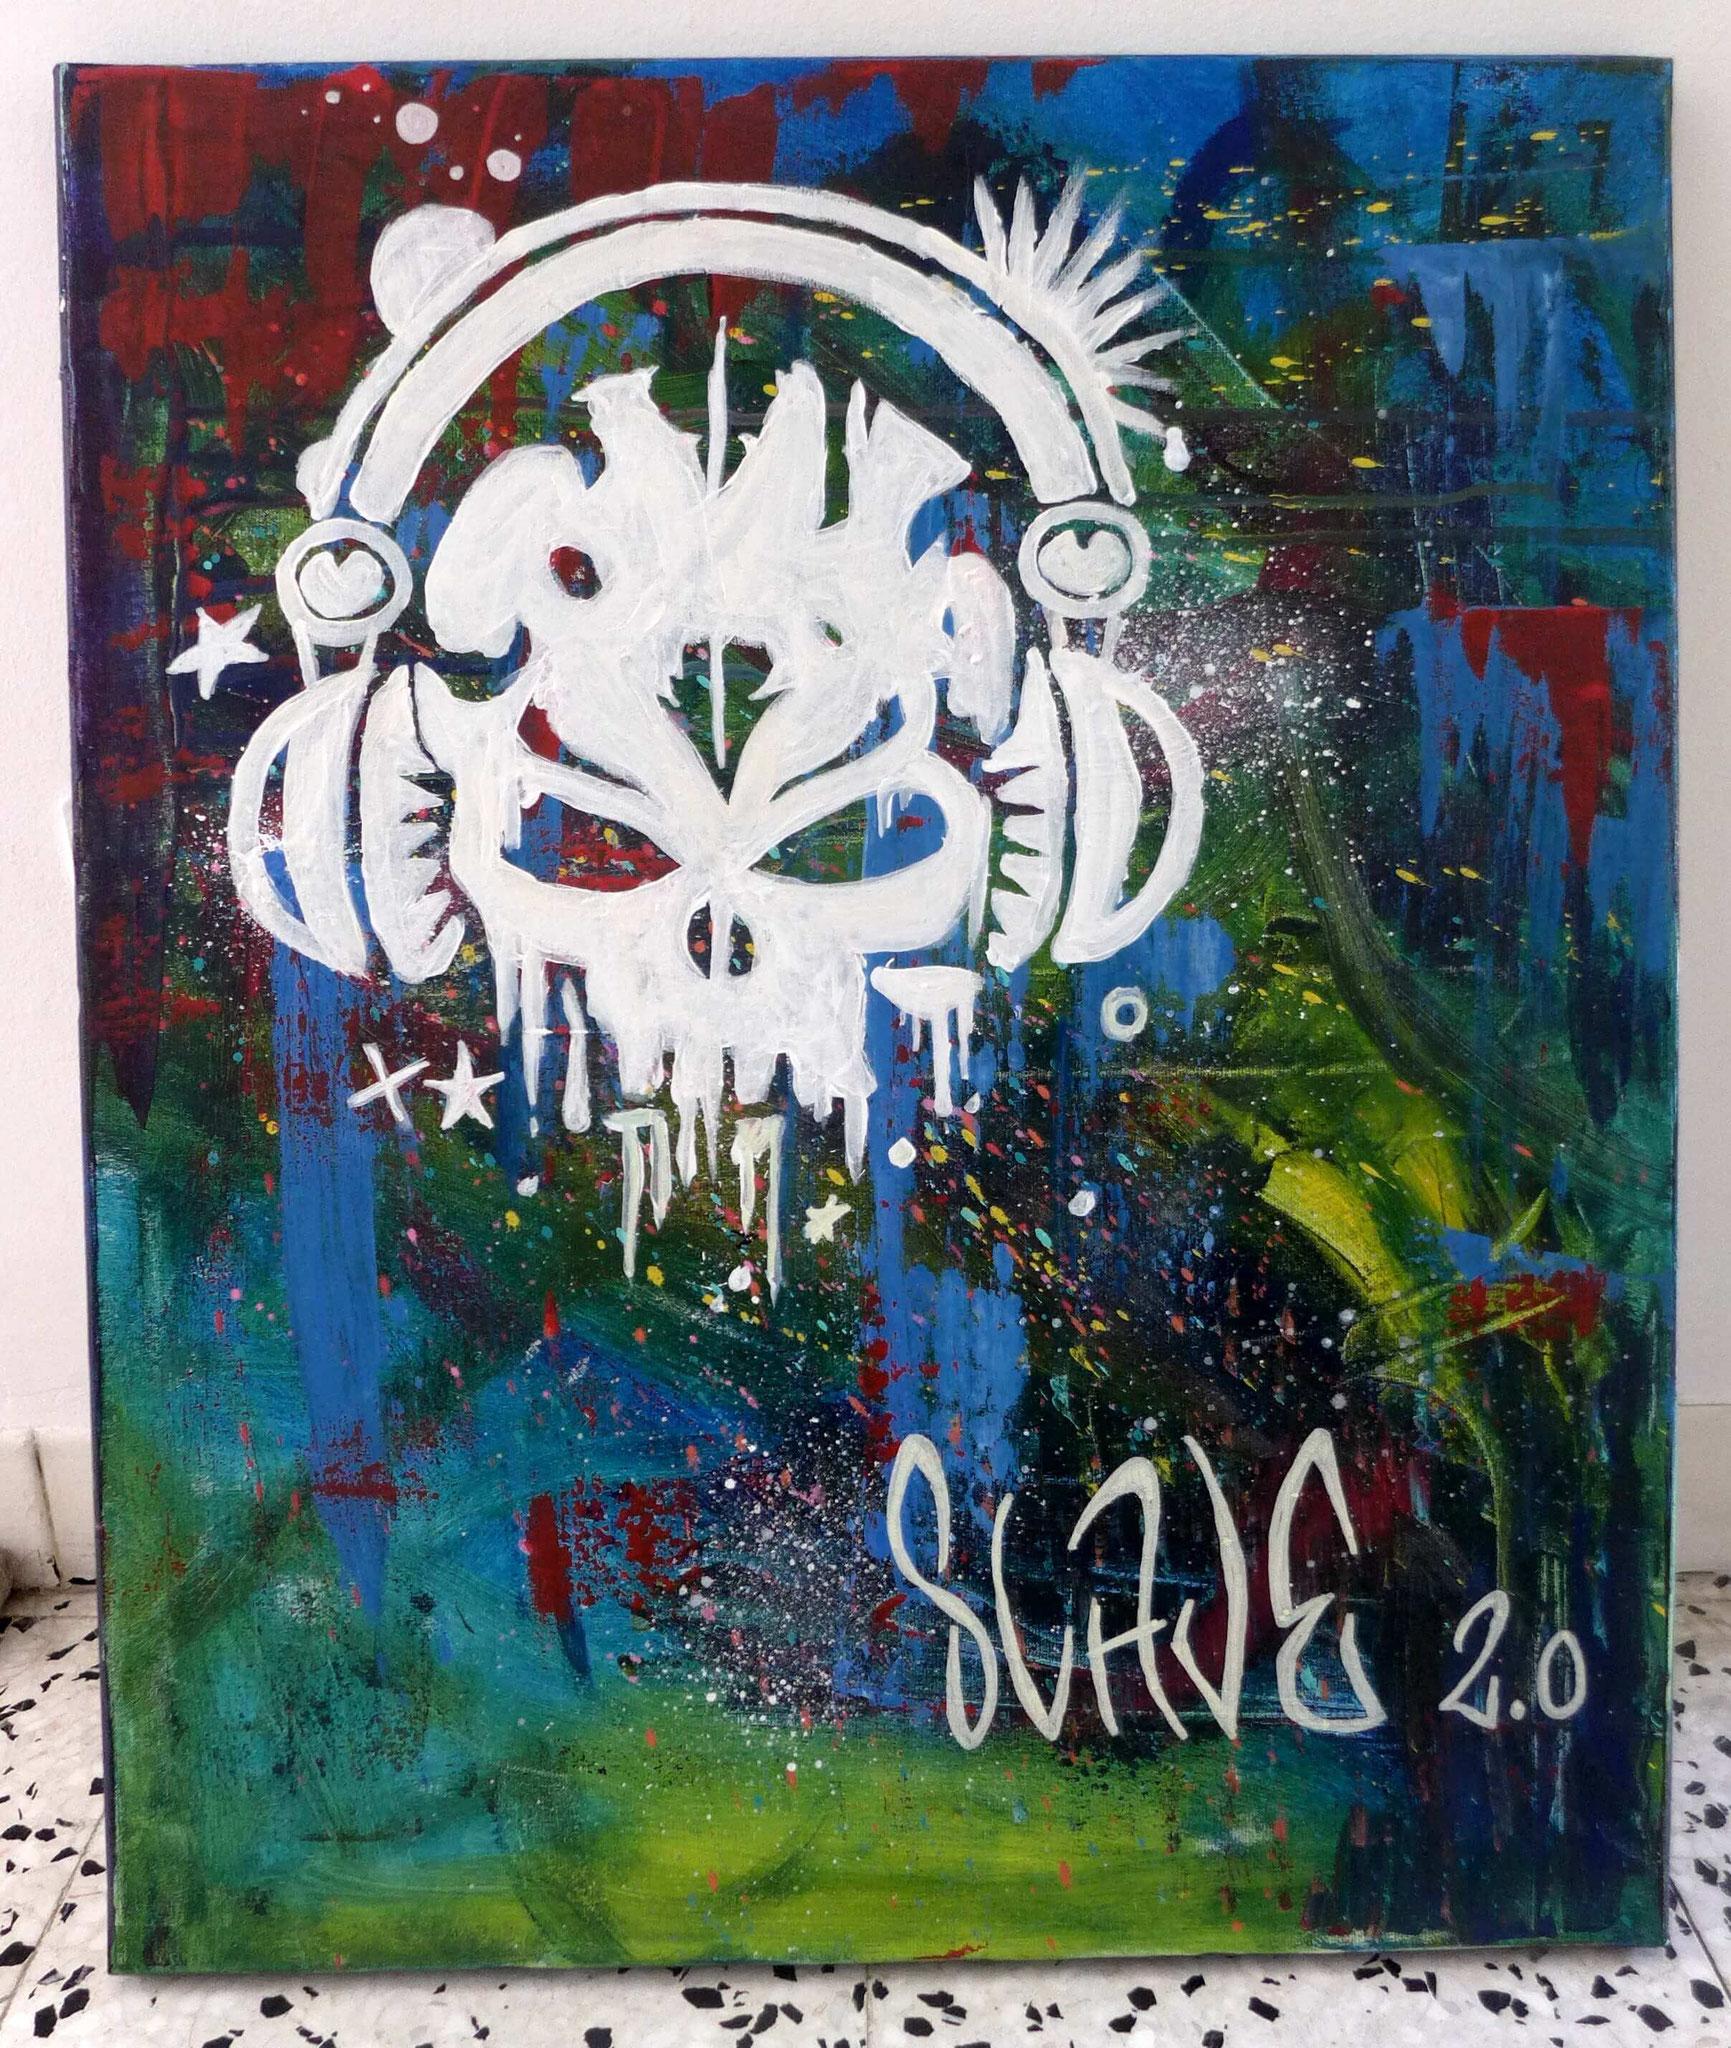 SkullHead street art par Slave 2.0